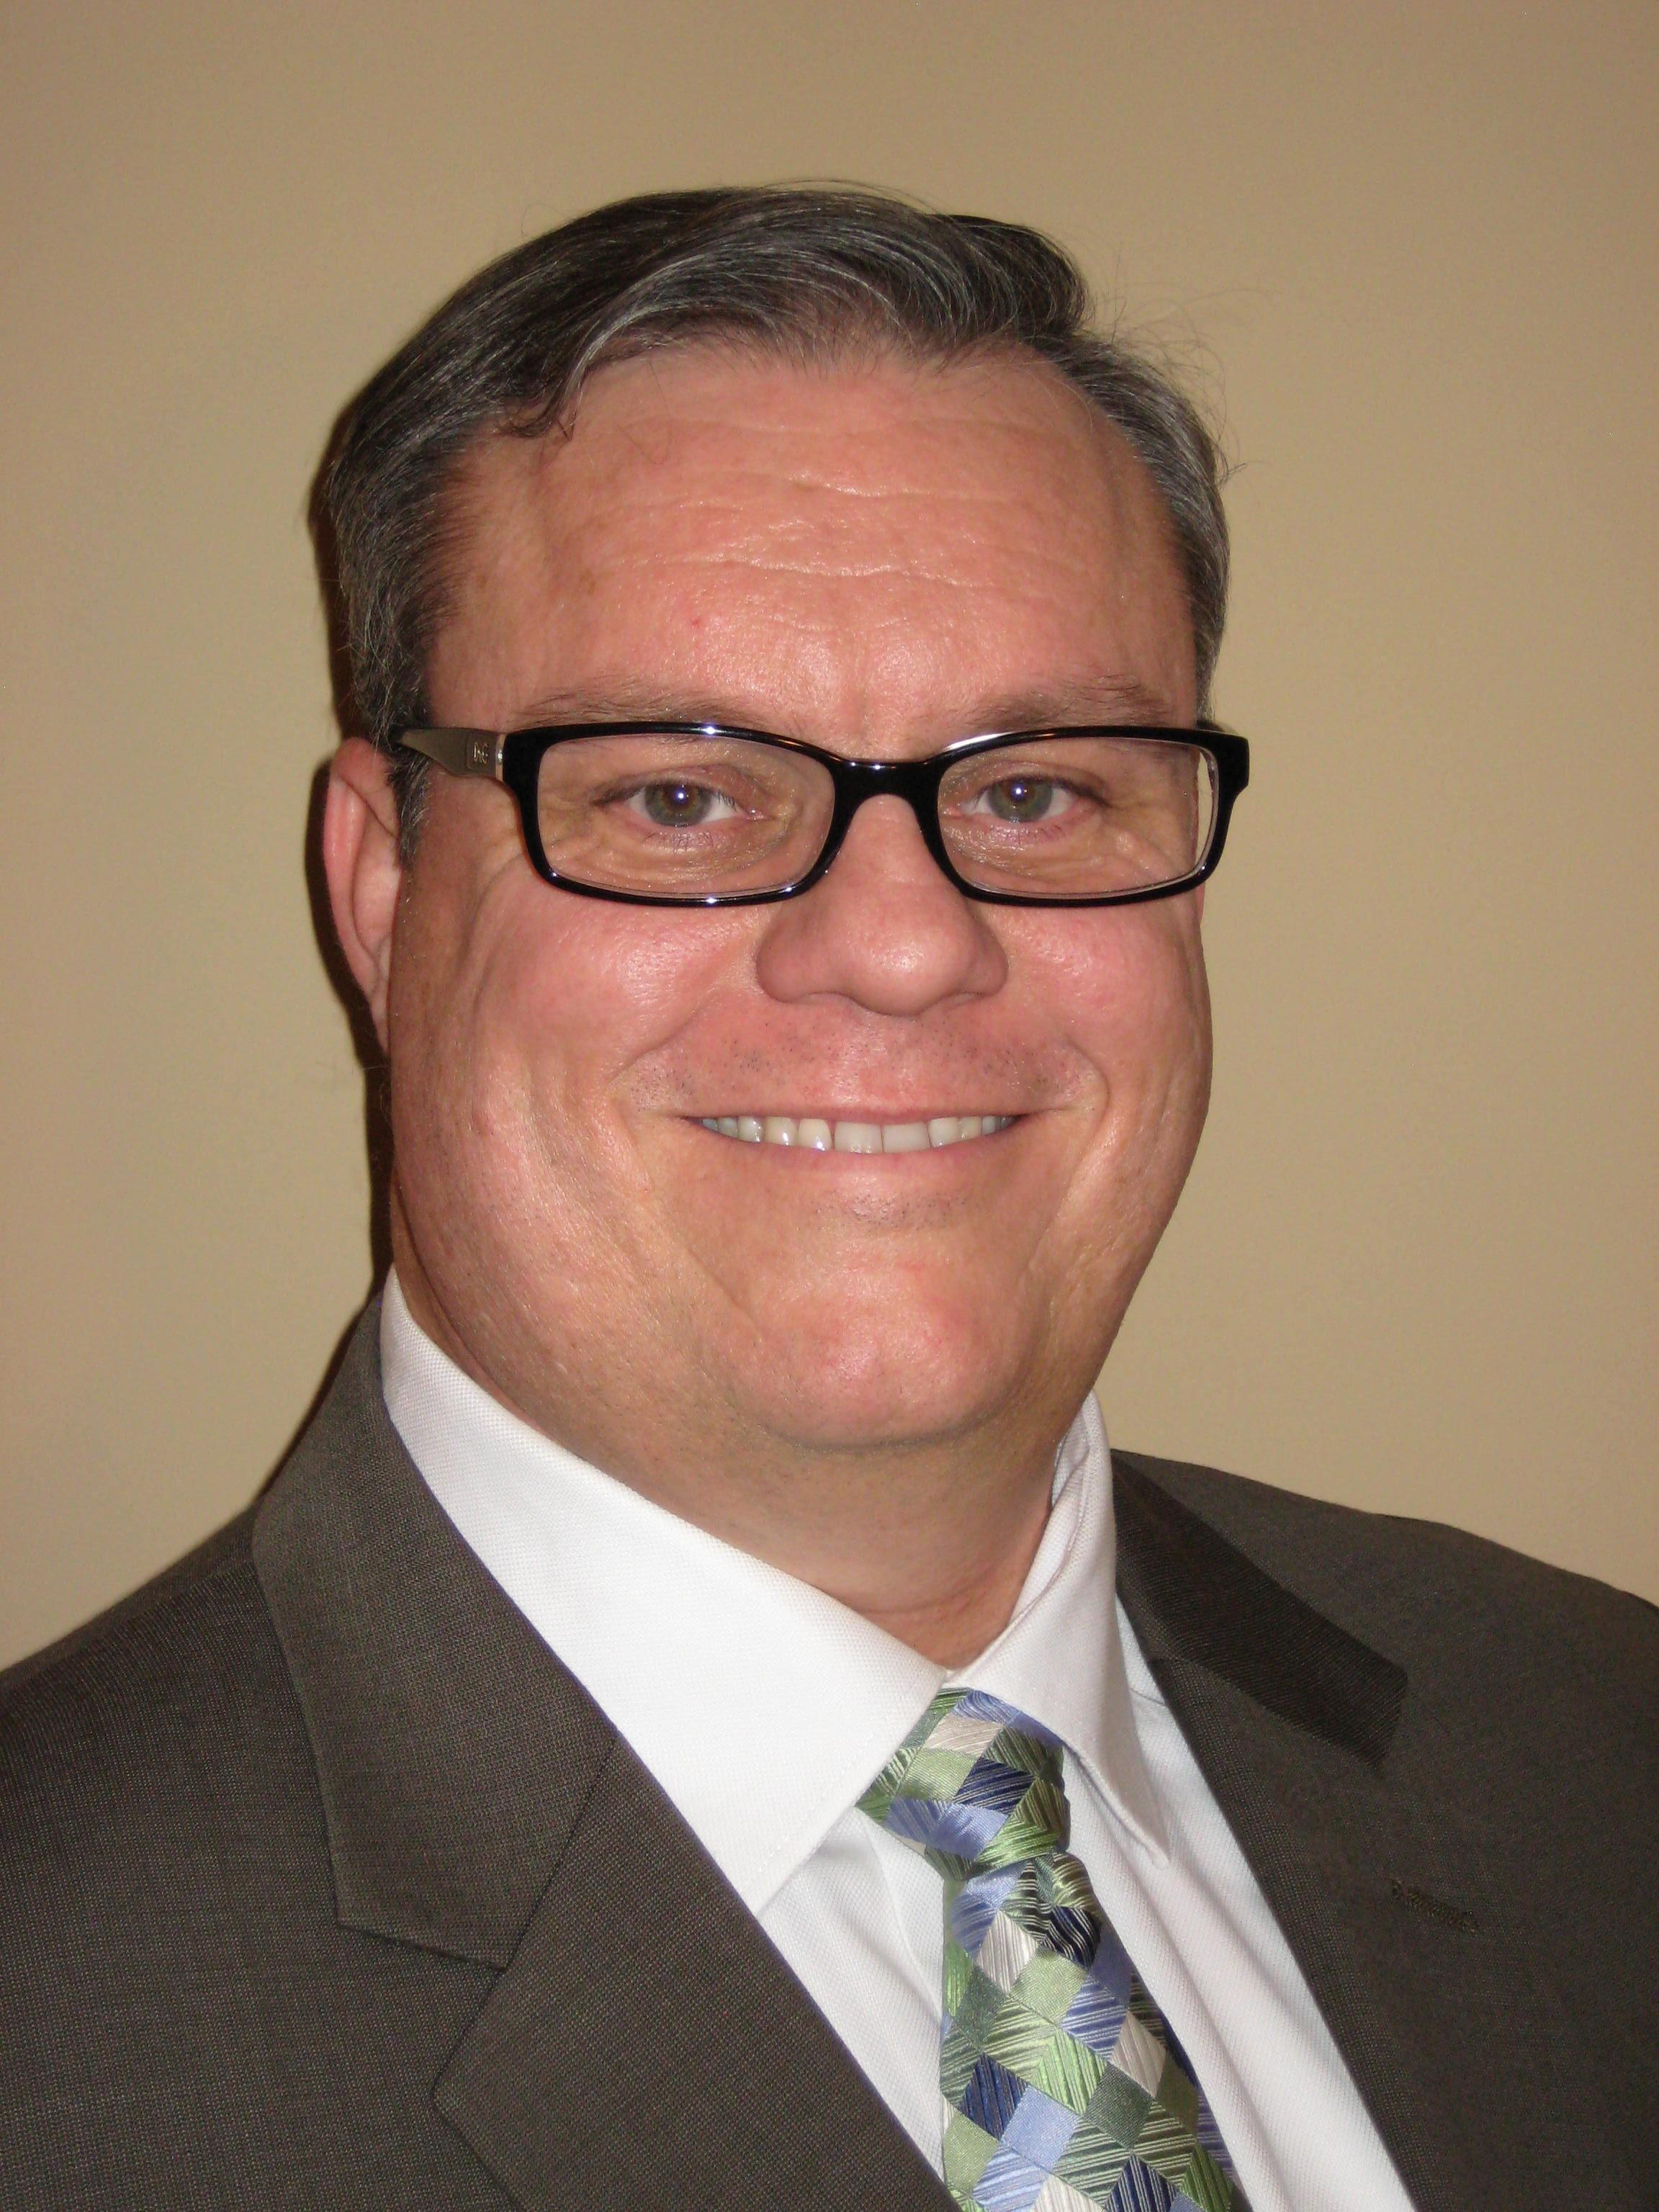 Sean Kinsella hired as new Executive Director